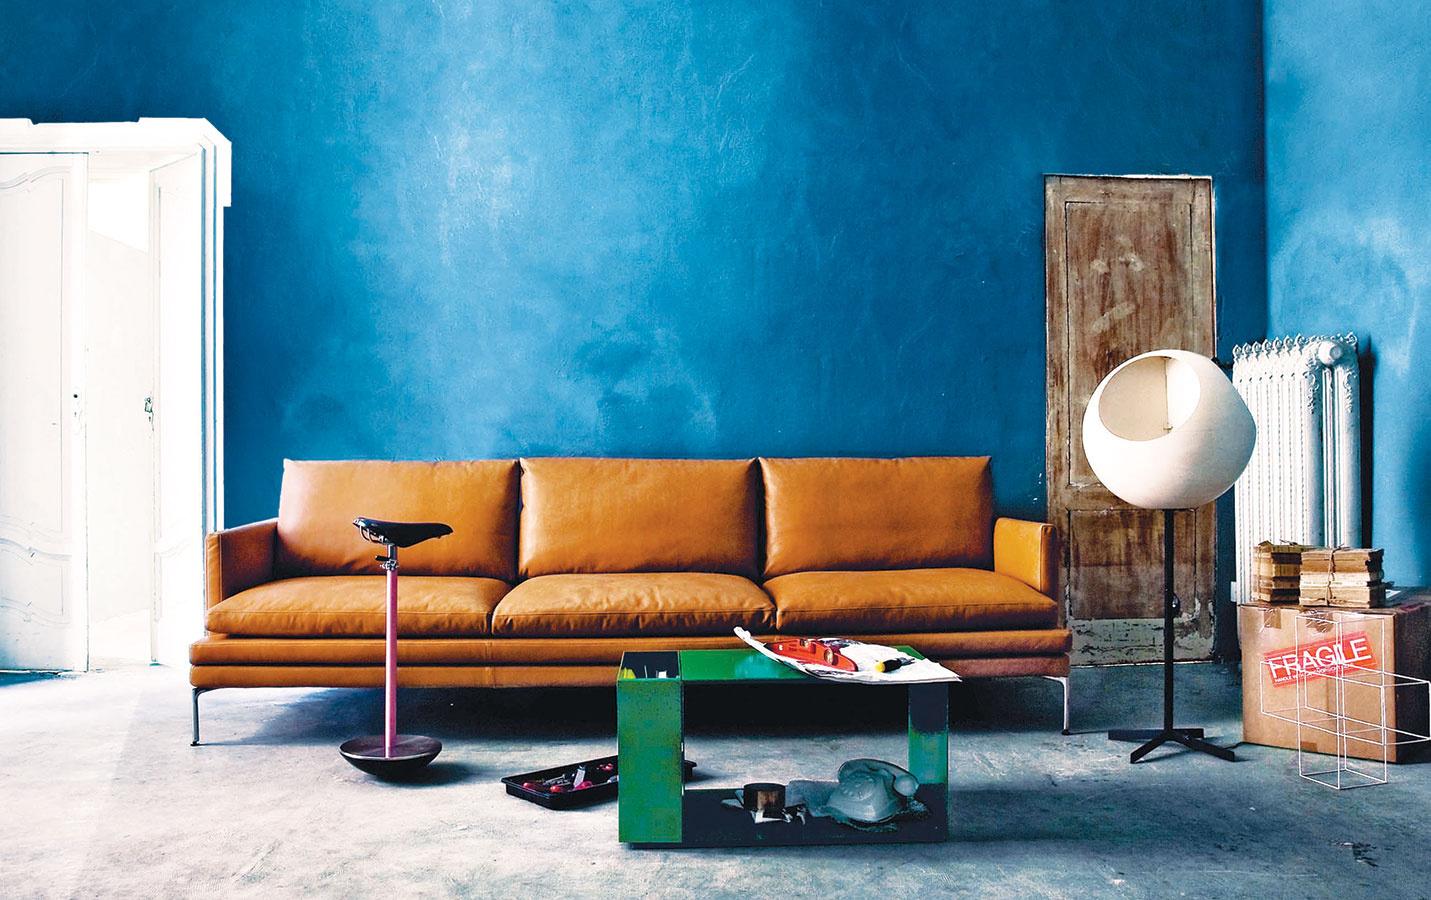 Pred výraznou modrou stenou pekne vynikne sedačka zaodetá v hnedej koži, akou je napríklad modulárna sedacia súprava William od značky Zanotta. Ak vám nevyhovuje kožená úprava, v ponuke nájdete aj rôzne látky. (Predáva DESIGNPROPAGANDA.)